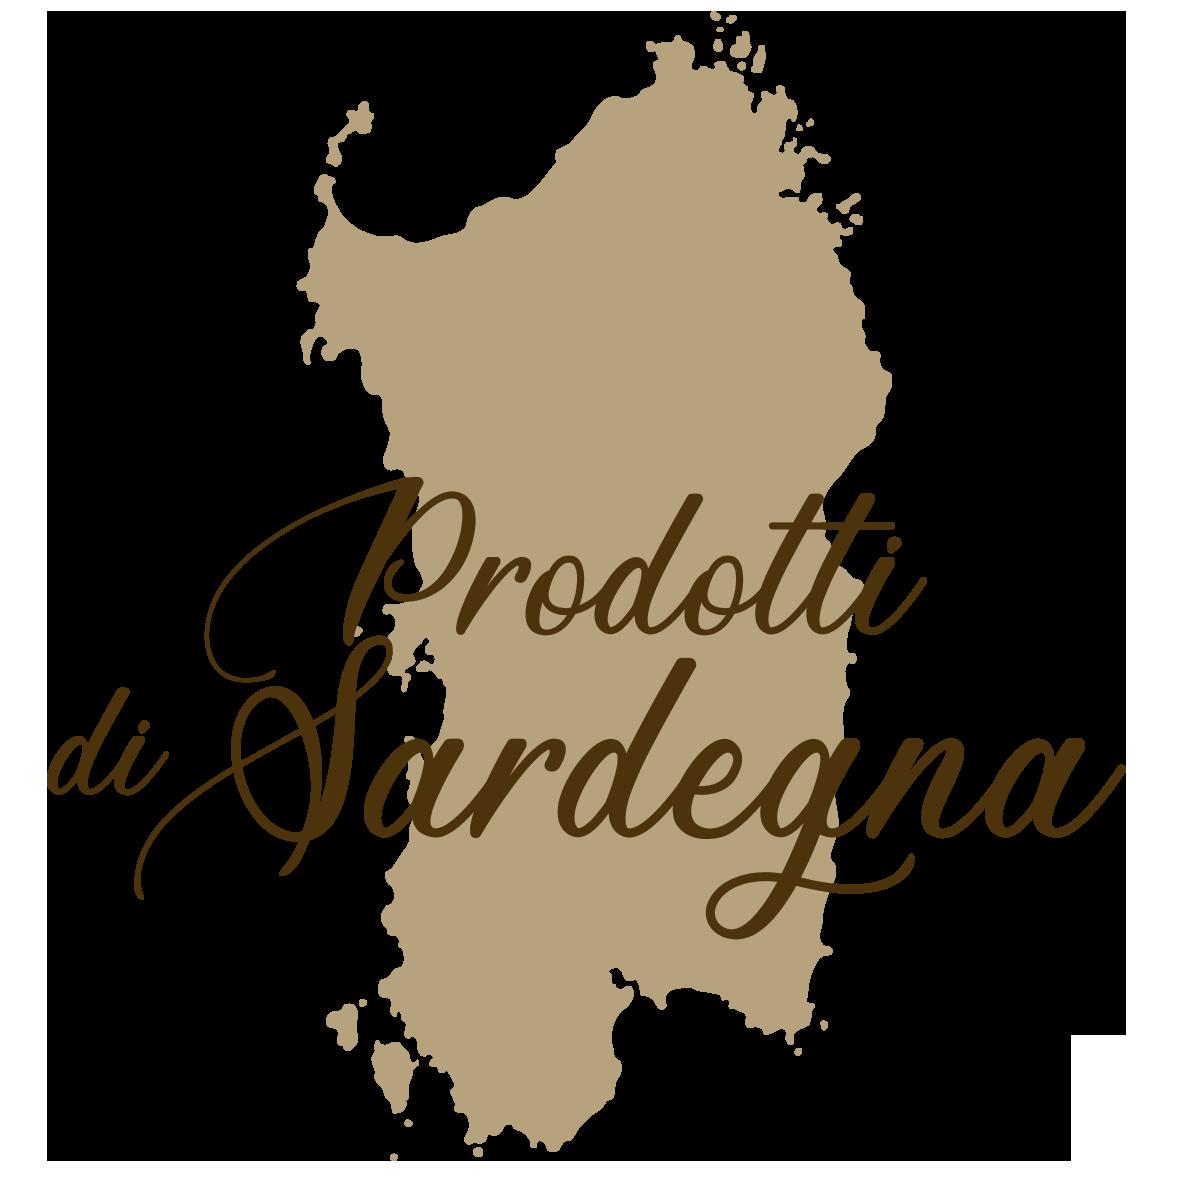 Prodotti di Sardegna